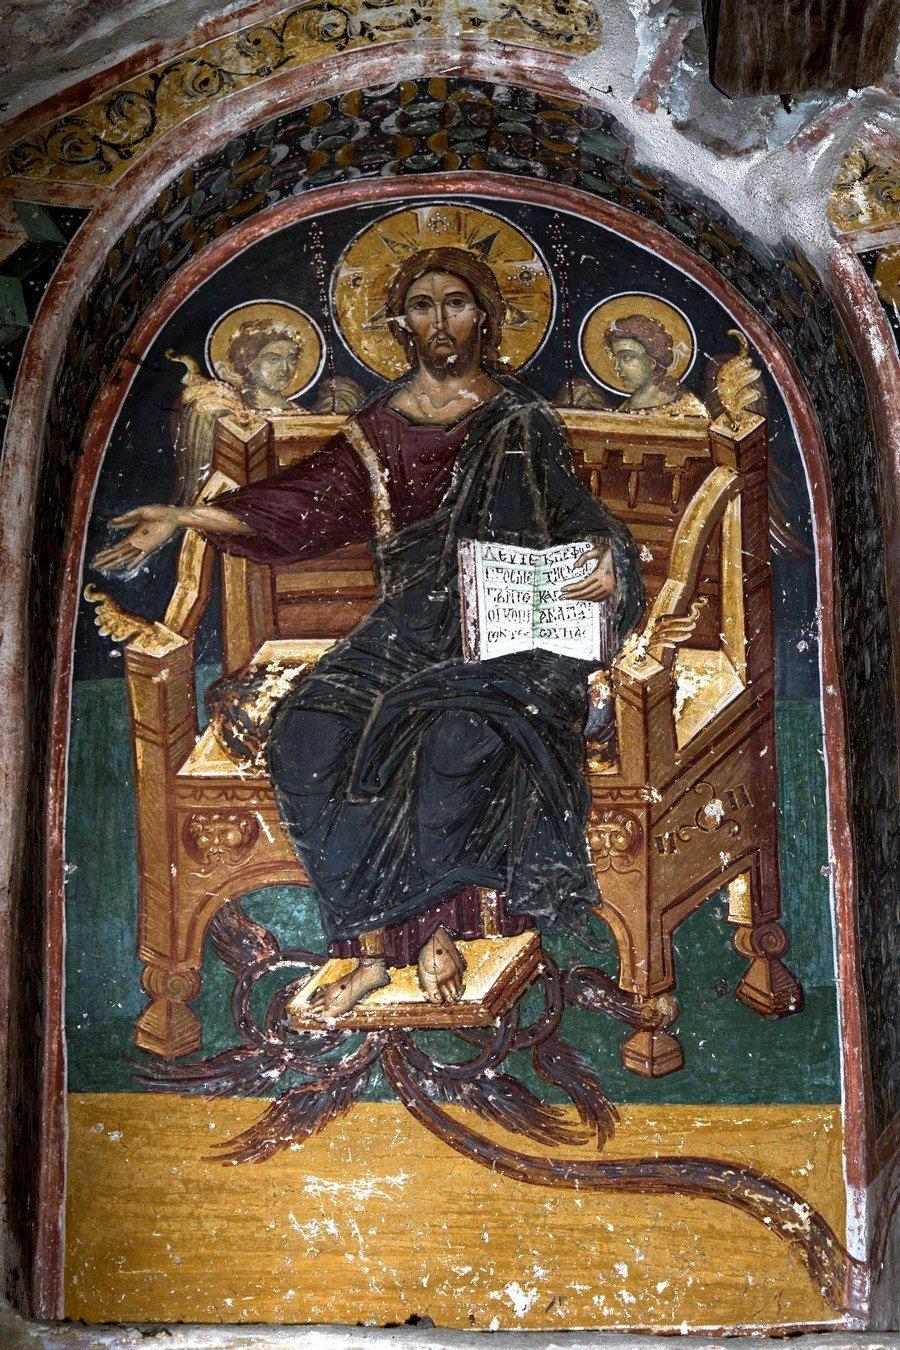 Страшный Суд. Фреска монастыря Великий Метеор, Метеоры, Греция. Фрагмент.